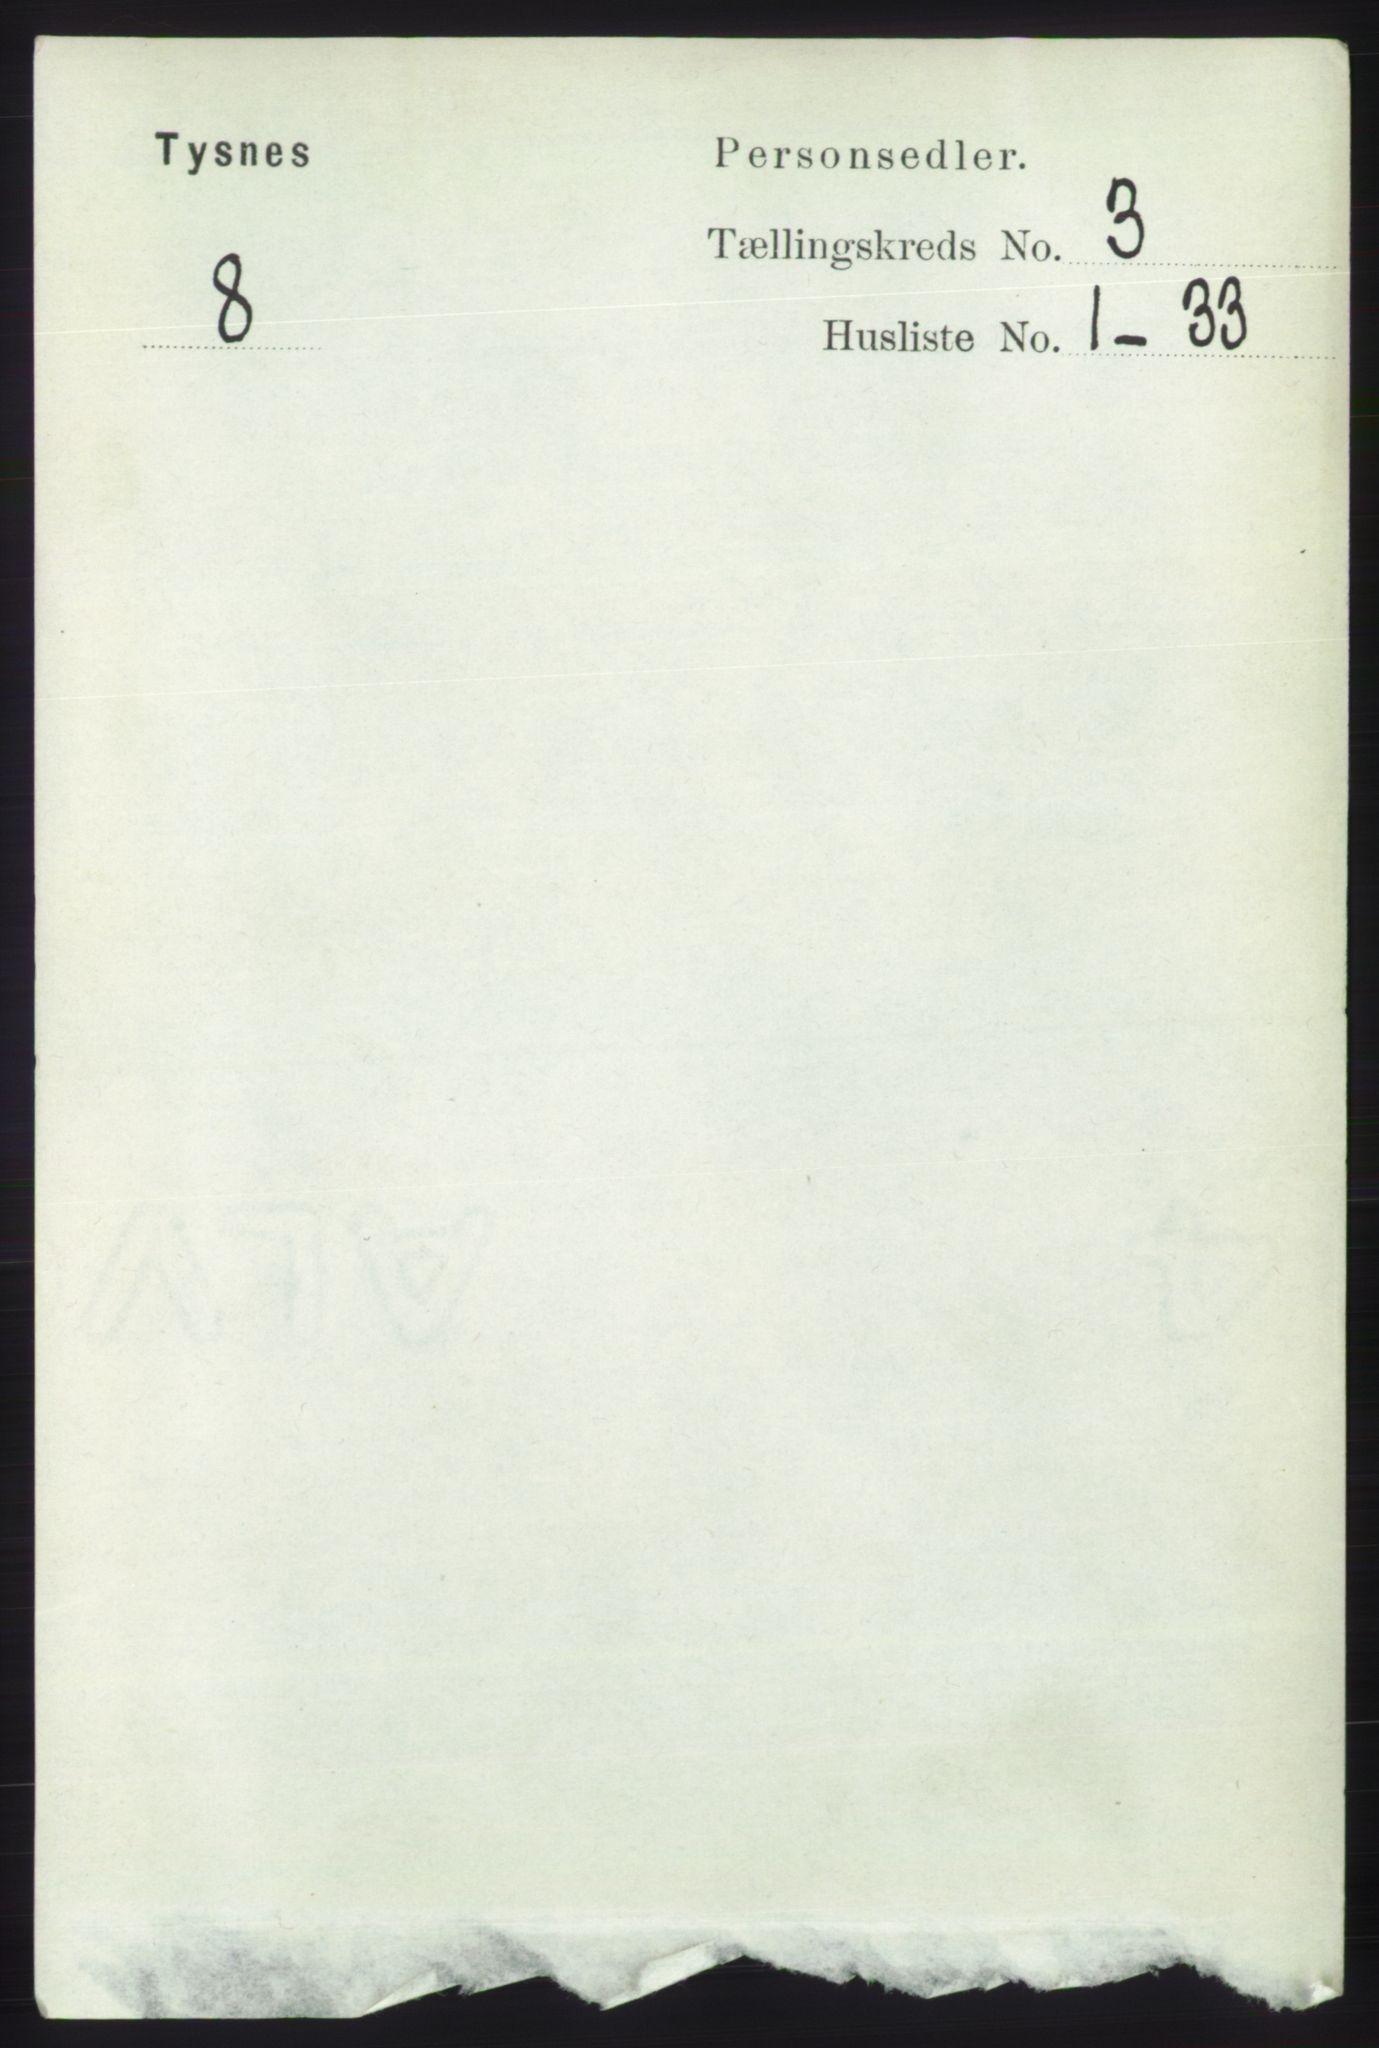 RA, Folketelling 1891 for 1223 Tysnes herred, 1891, s. 842